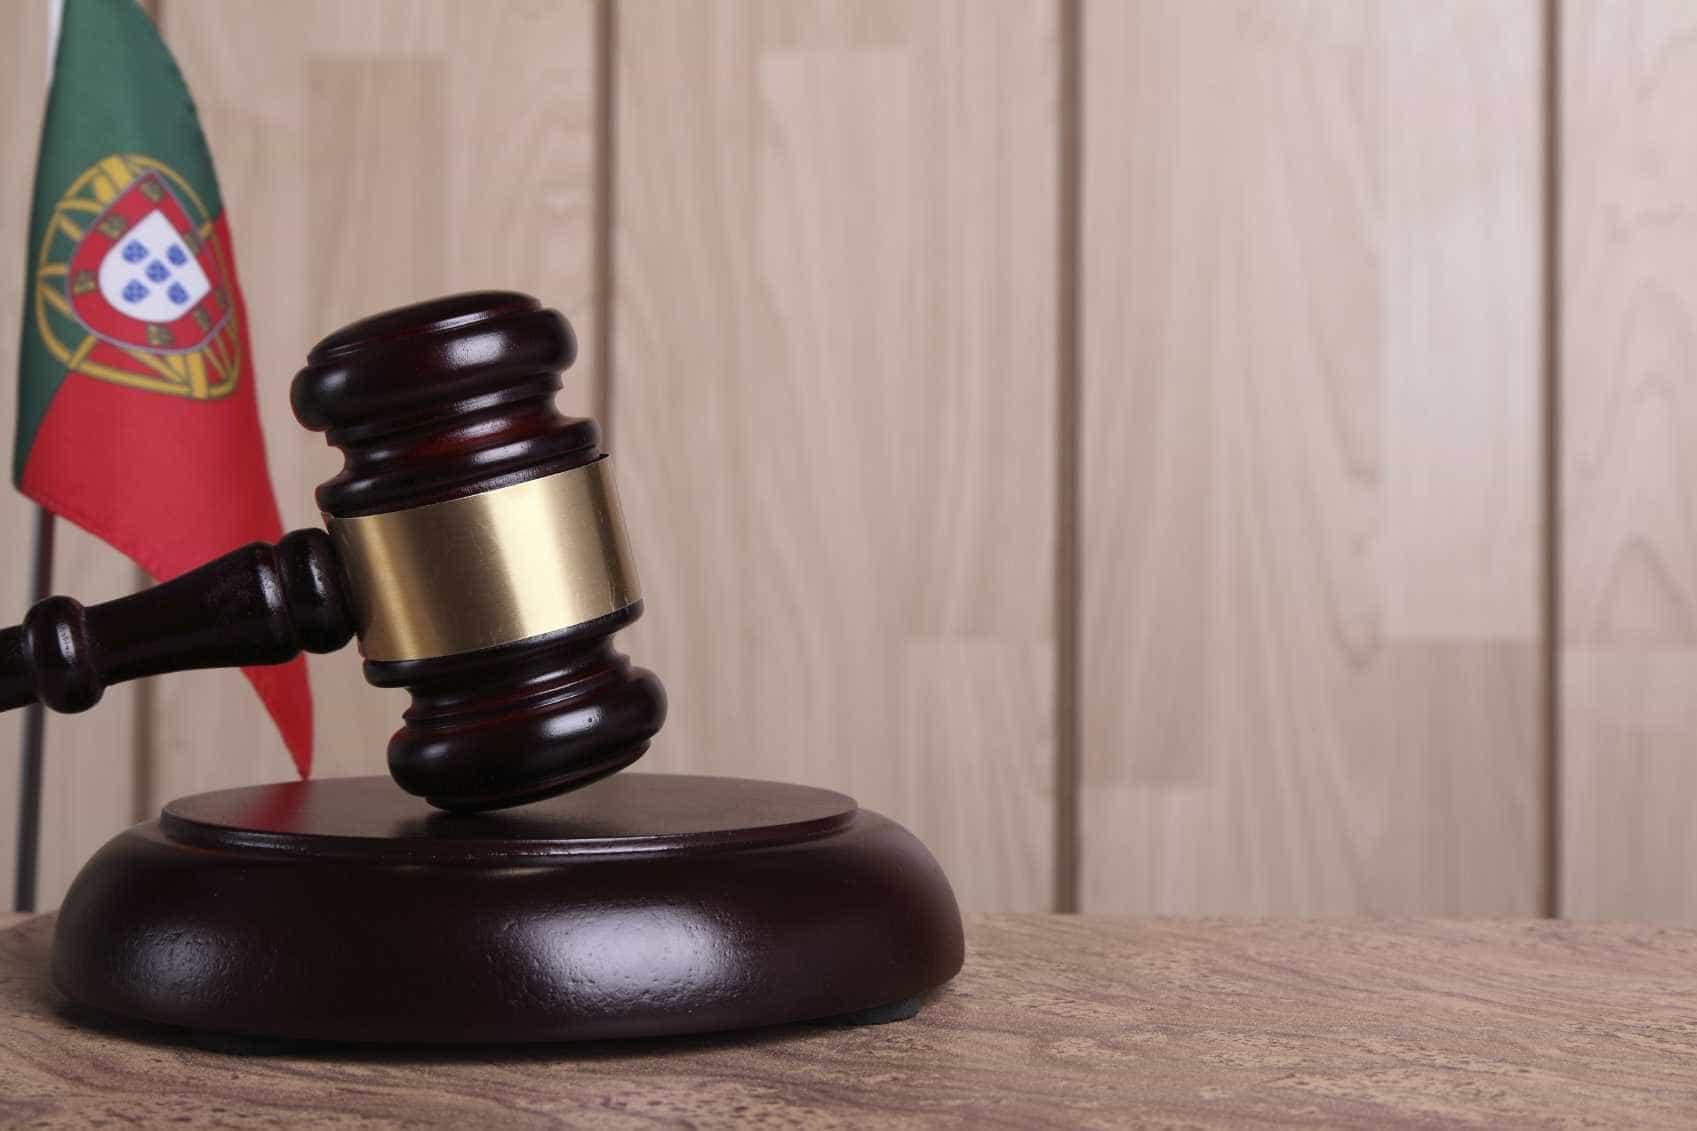 Quatro anos de pena suspensa para homem que agrediu mãe cega